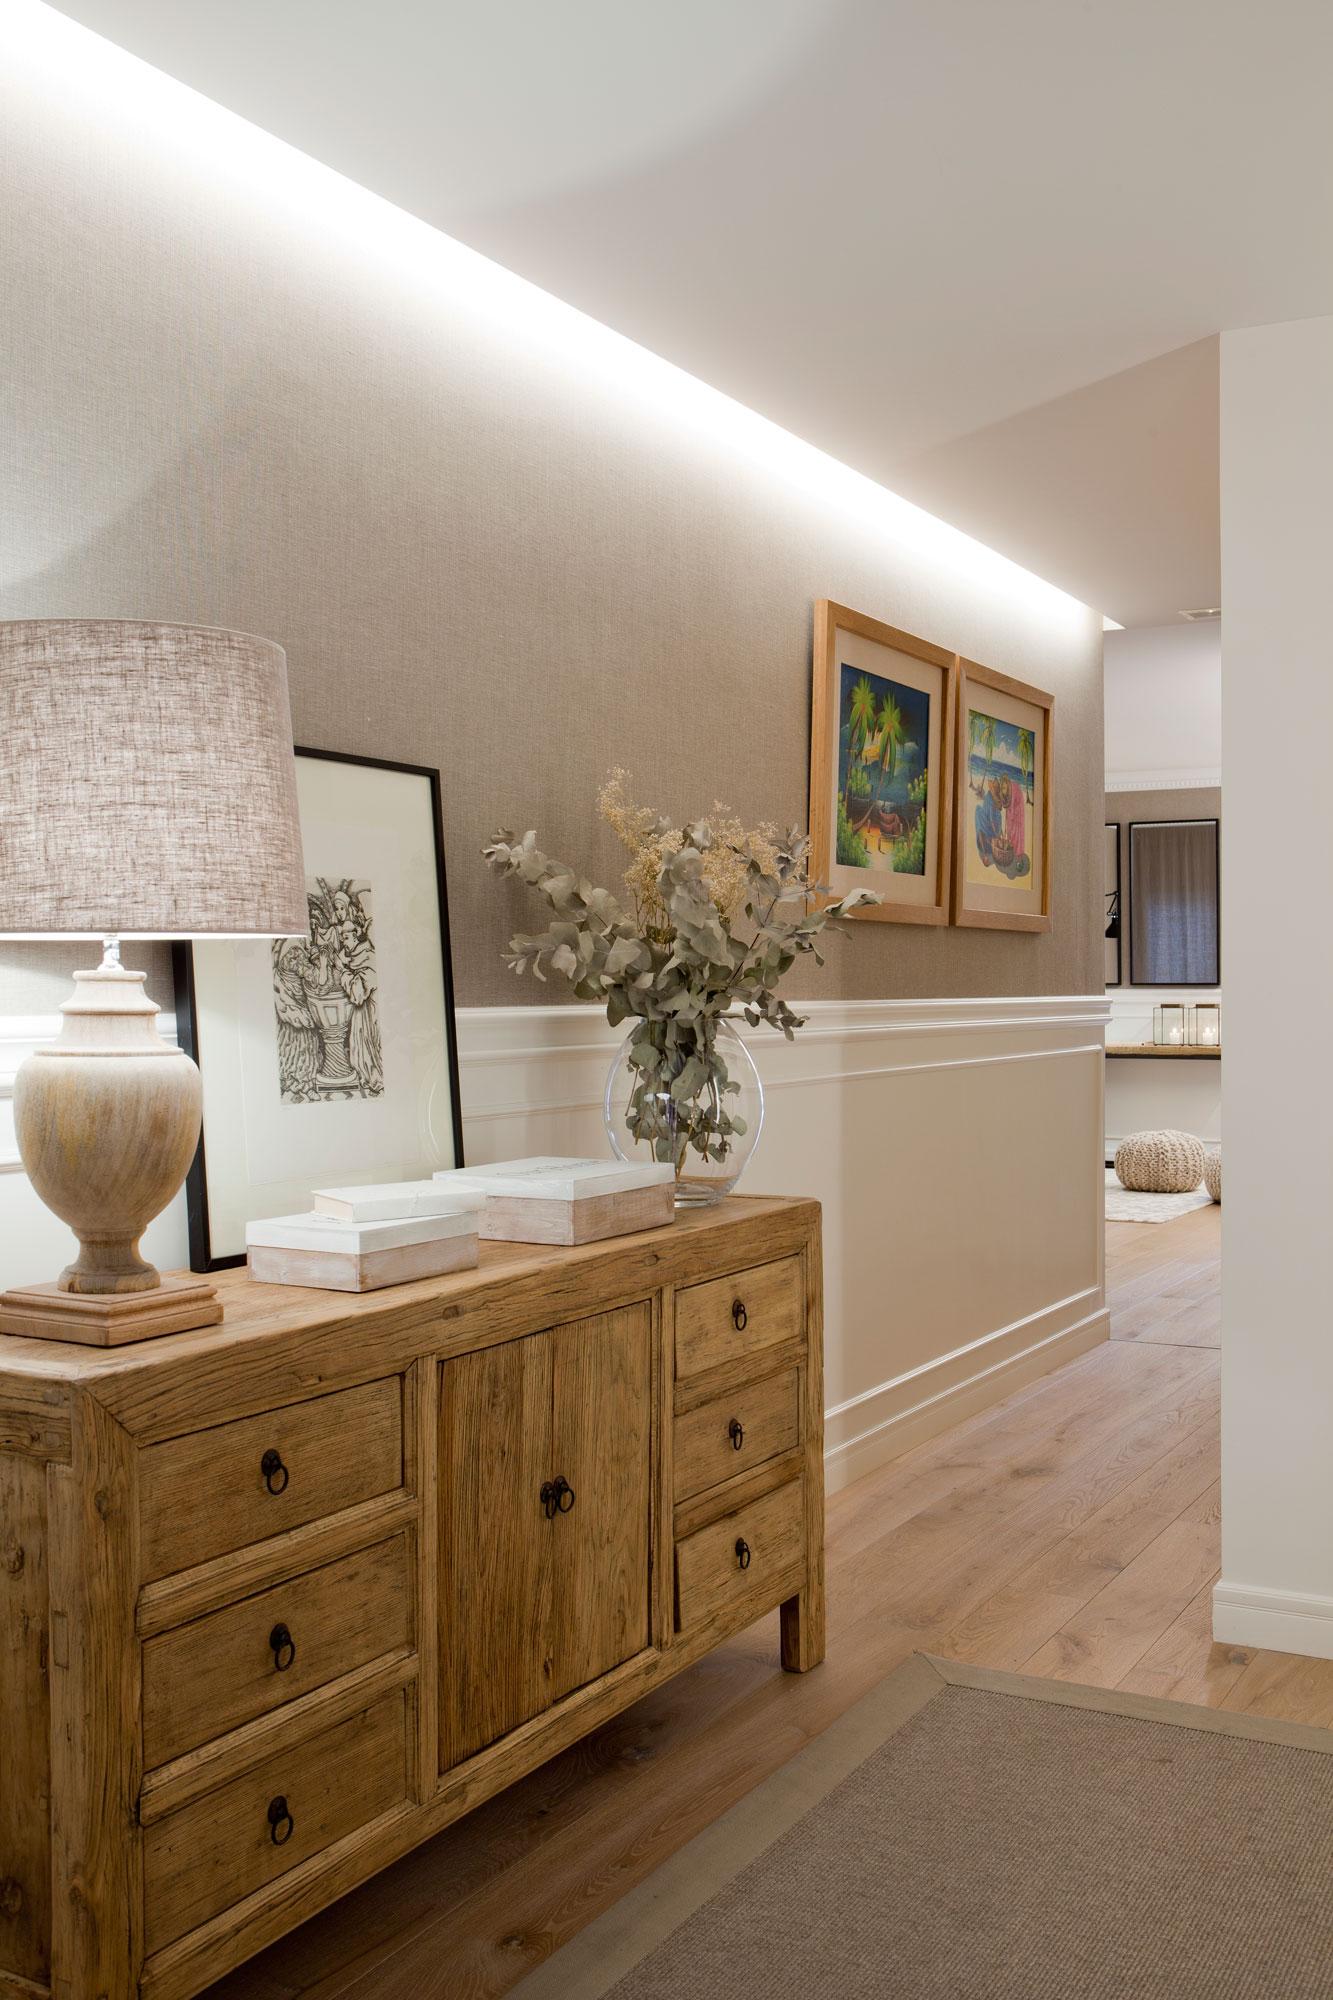 C mo iluminar tu casa sin cometer los errores m s habituales - Iluminacion para muebles ...